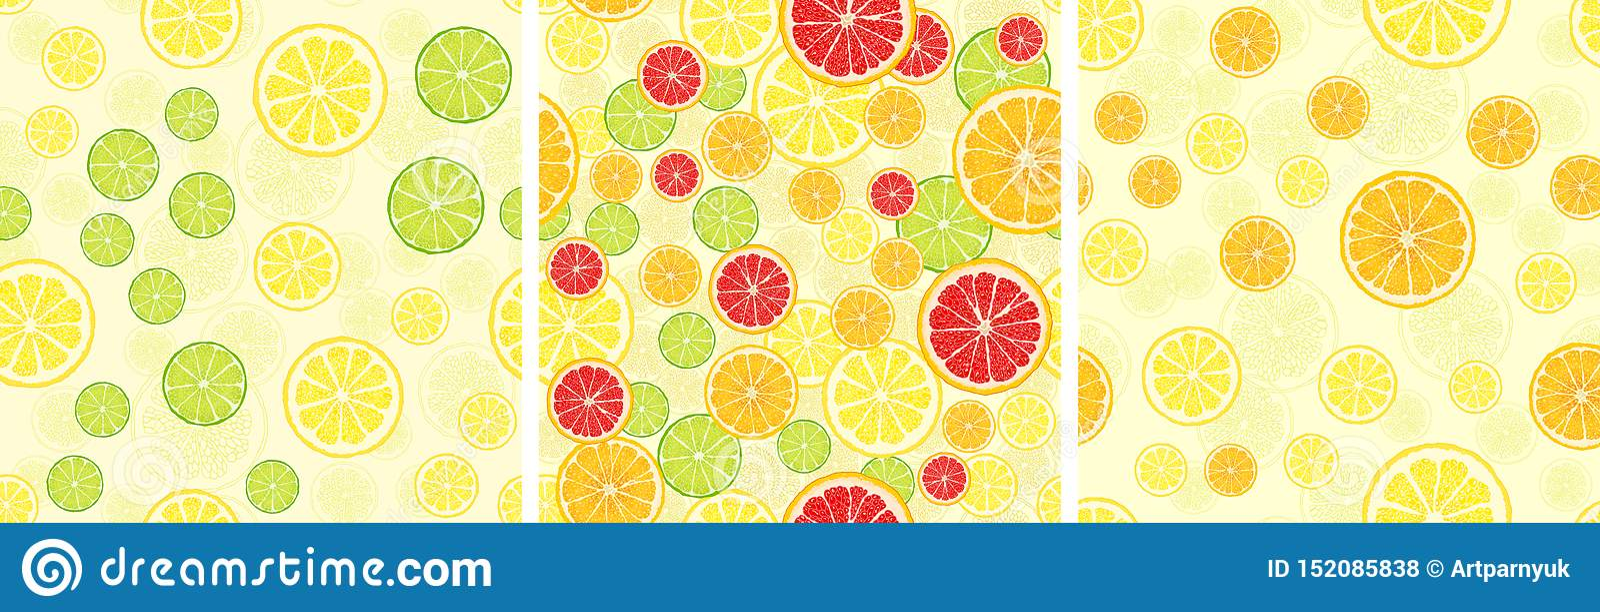 Ställ in av sömlös modell för vektor med fruktskivor